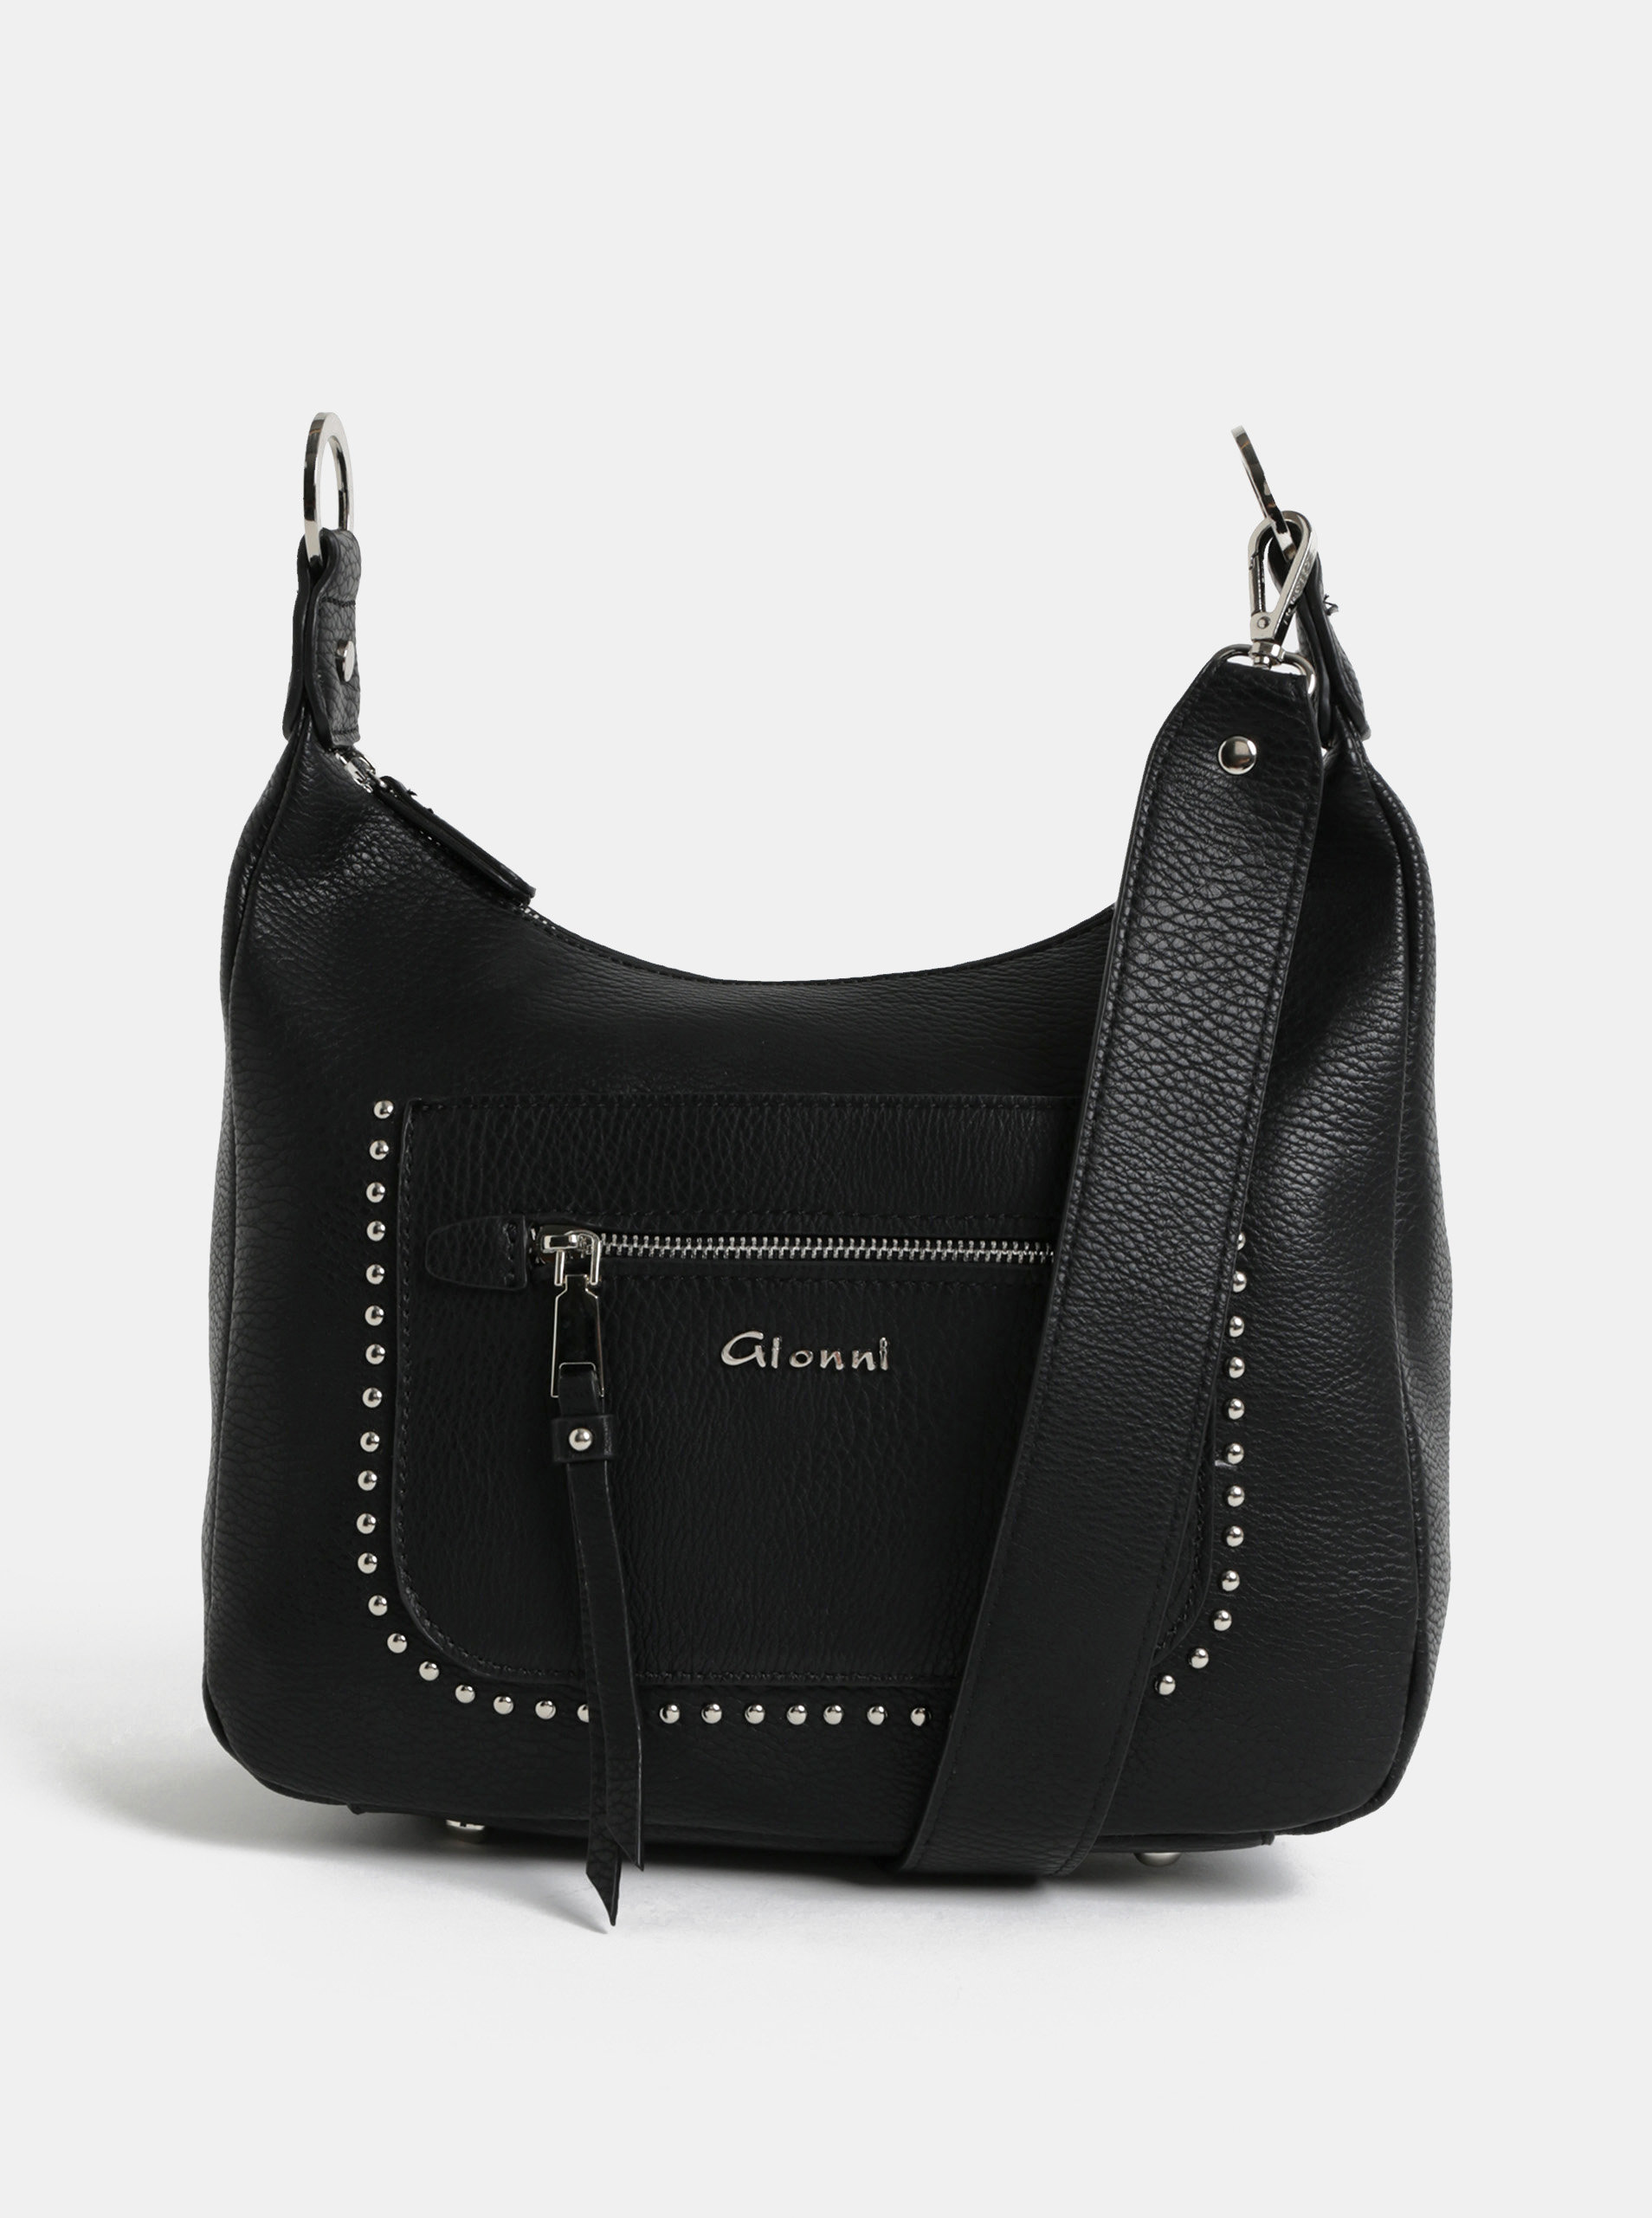 Čierna crossbody kabelka s detailmi v striebornej farbe Gionni ... 05aecada28b